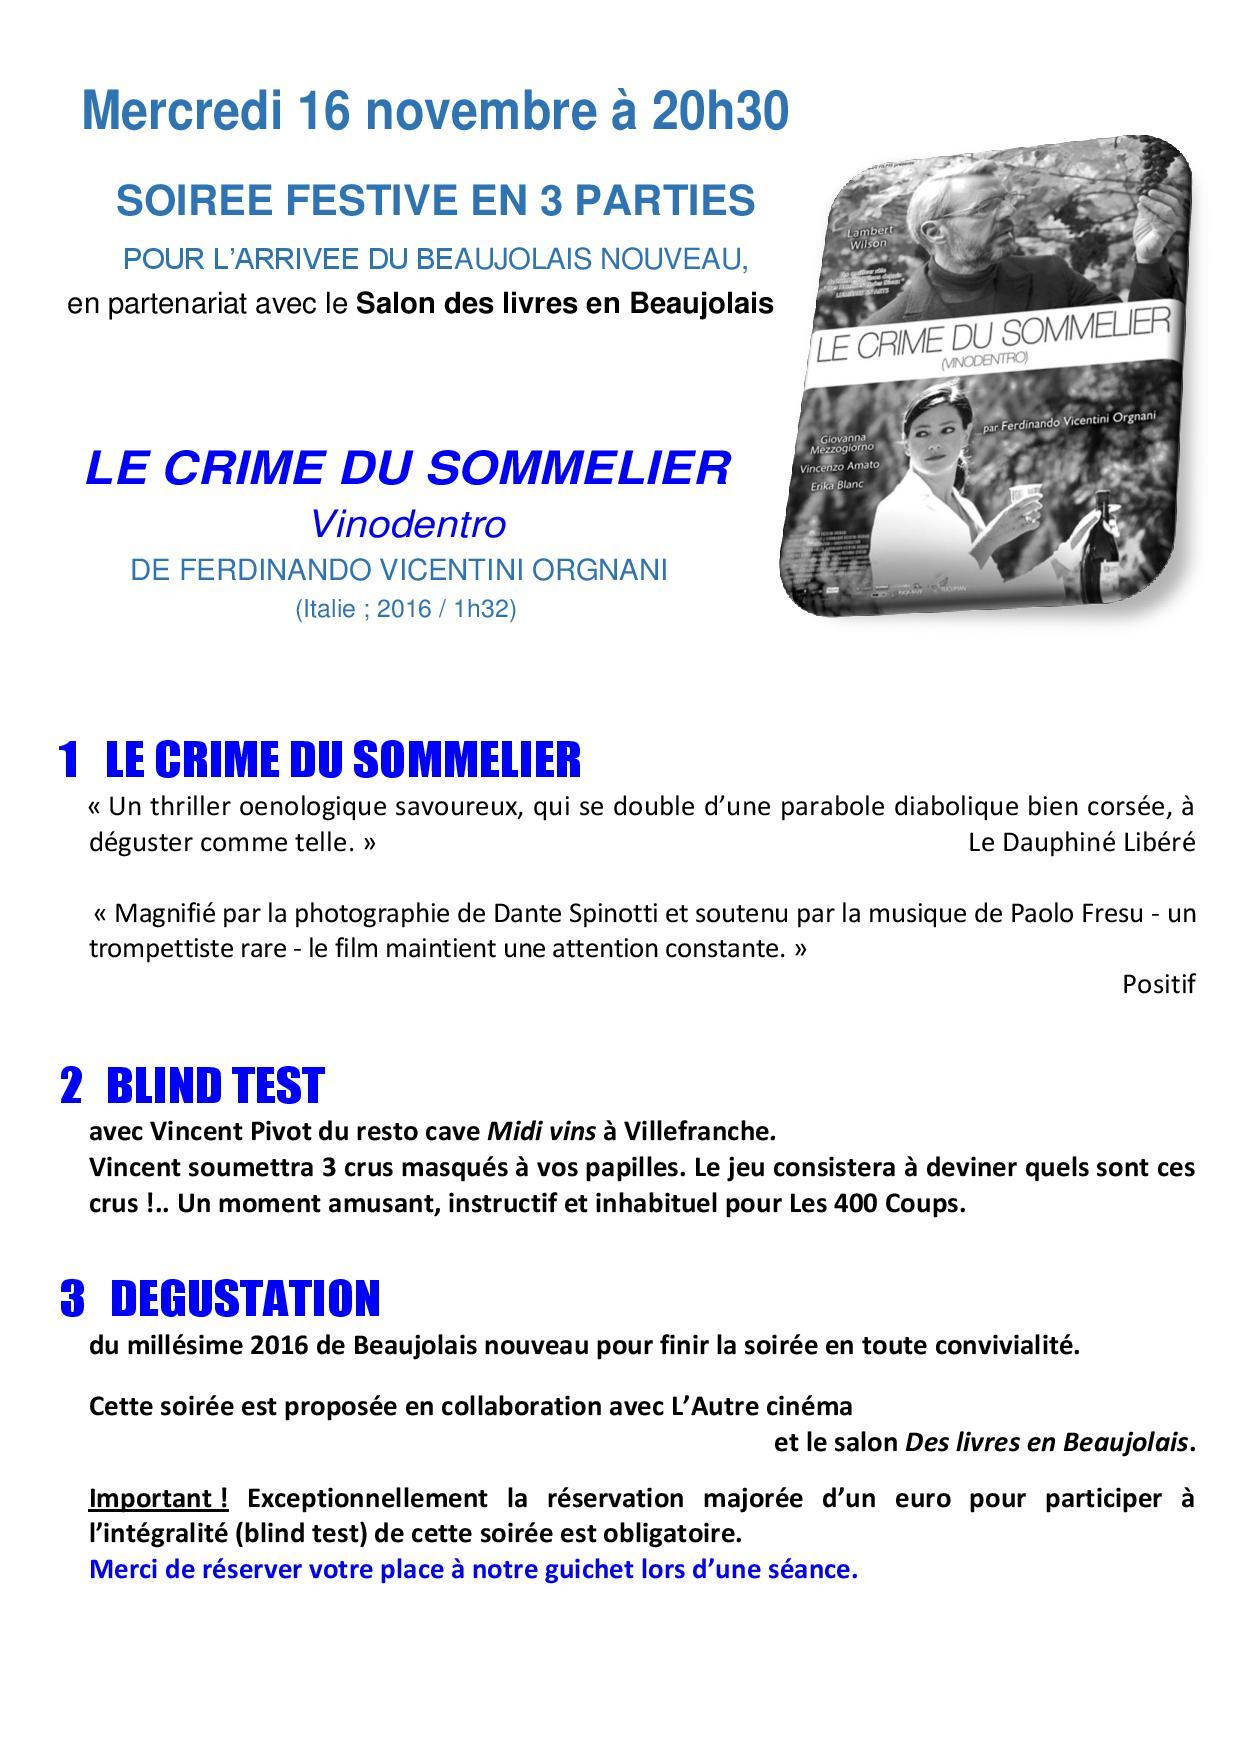 Le crime du sommelier mercredi 16 novembre 20h30 - Cinema les 400 coups villefranche ...